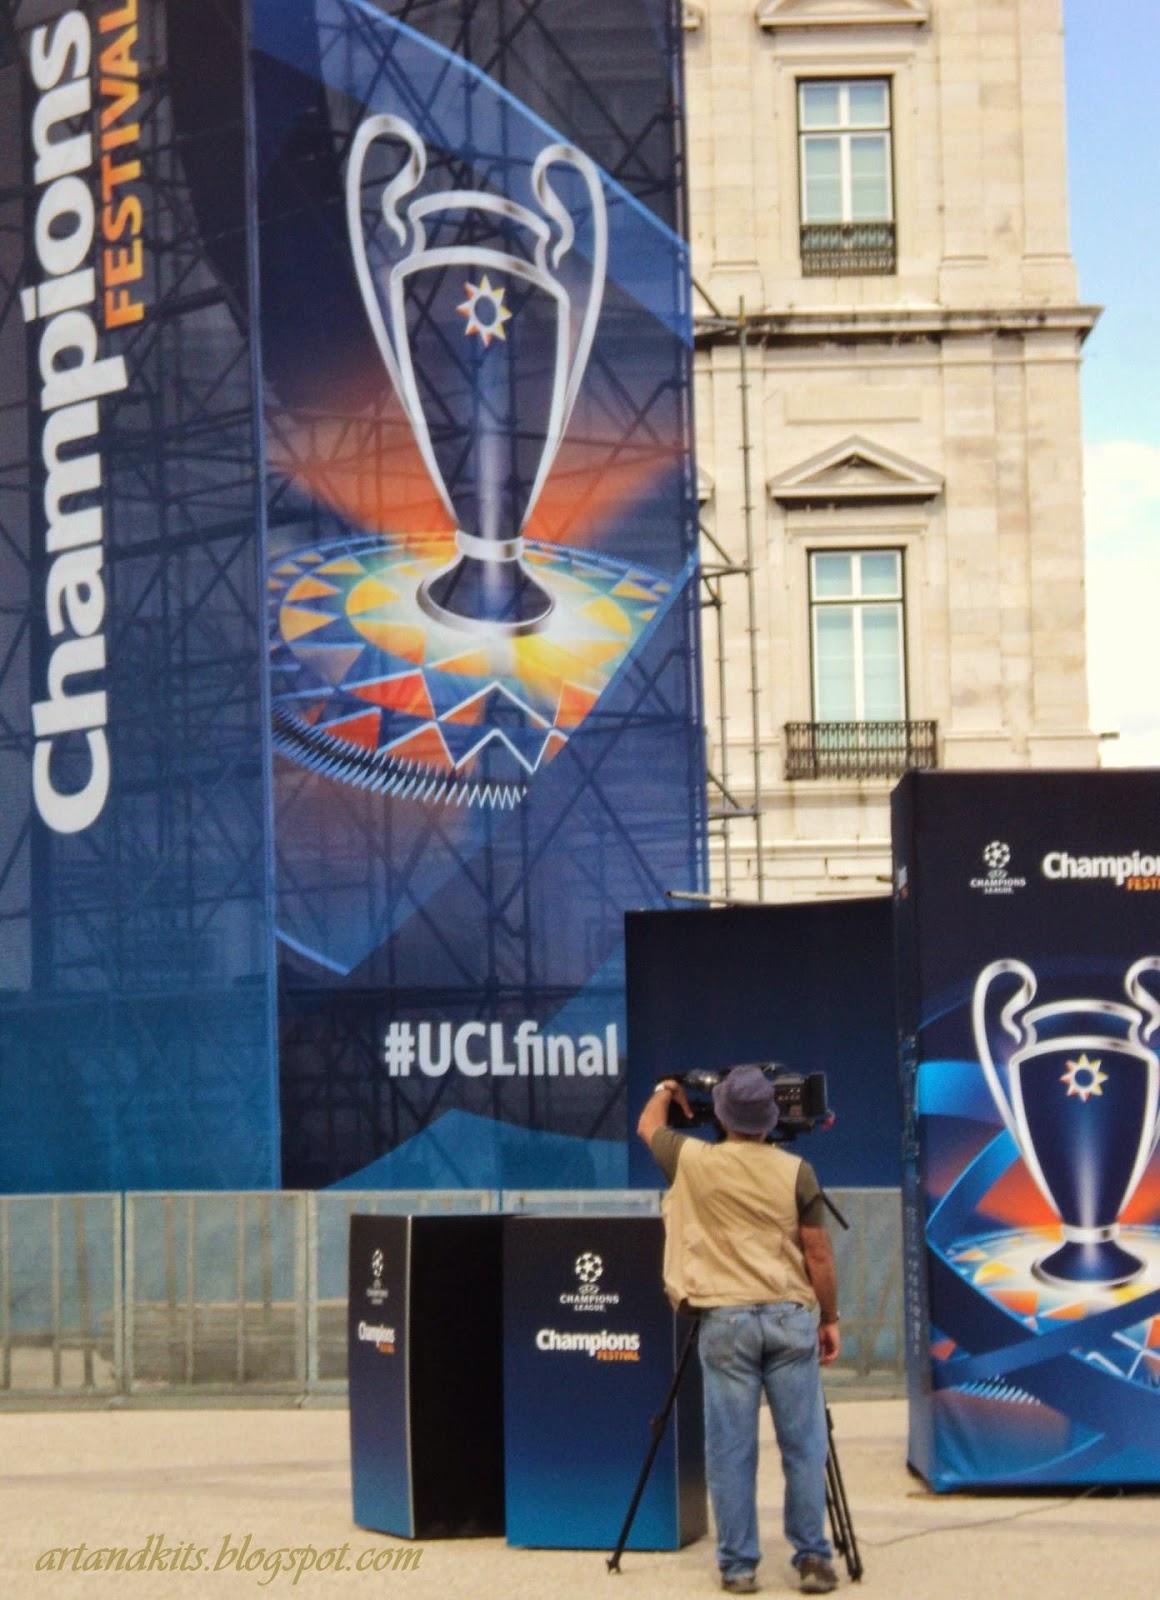 Imagens de ontem, no Terreiro do Paço... para acontecimentos de amanhã, no Estádio da Luz. / Yesterday's images, at the Commerce Square... for tomorrow's events, at the Stadium of the Light.